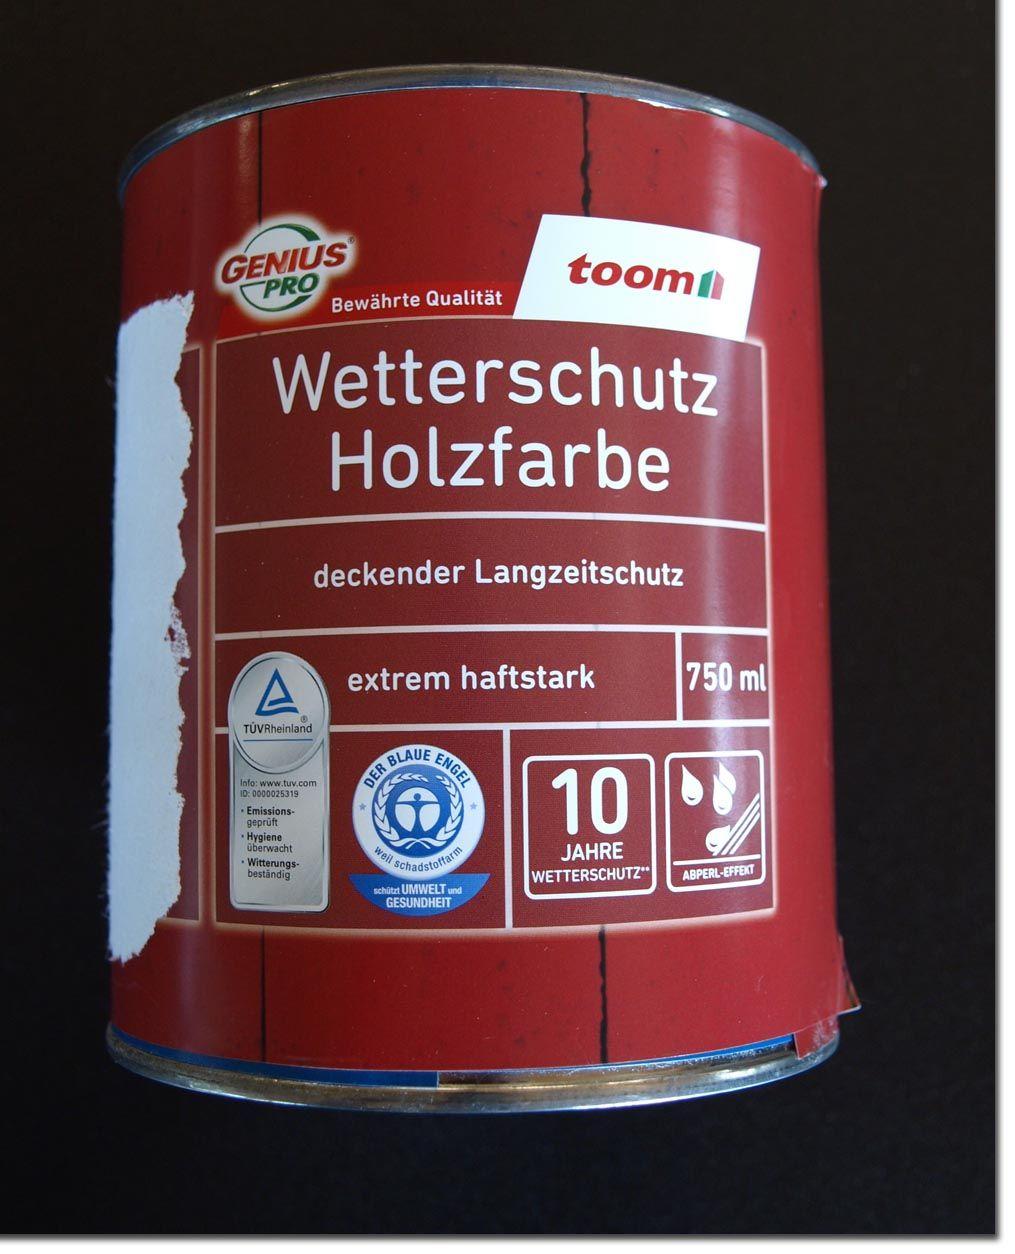 genius pro wetterschutz holzfarbe hell elfenbein 750 ml 9 27 euro l ebay. Black Bedroom Furniture Sets. Home Design Ideas